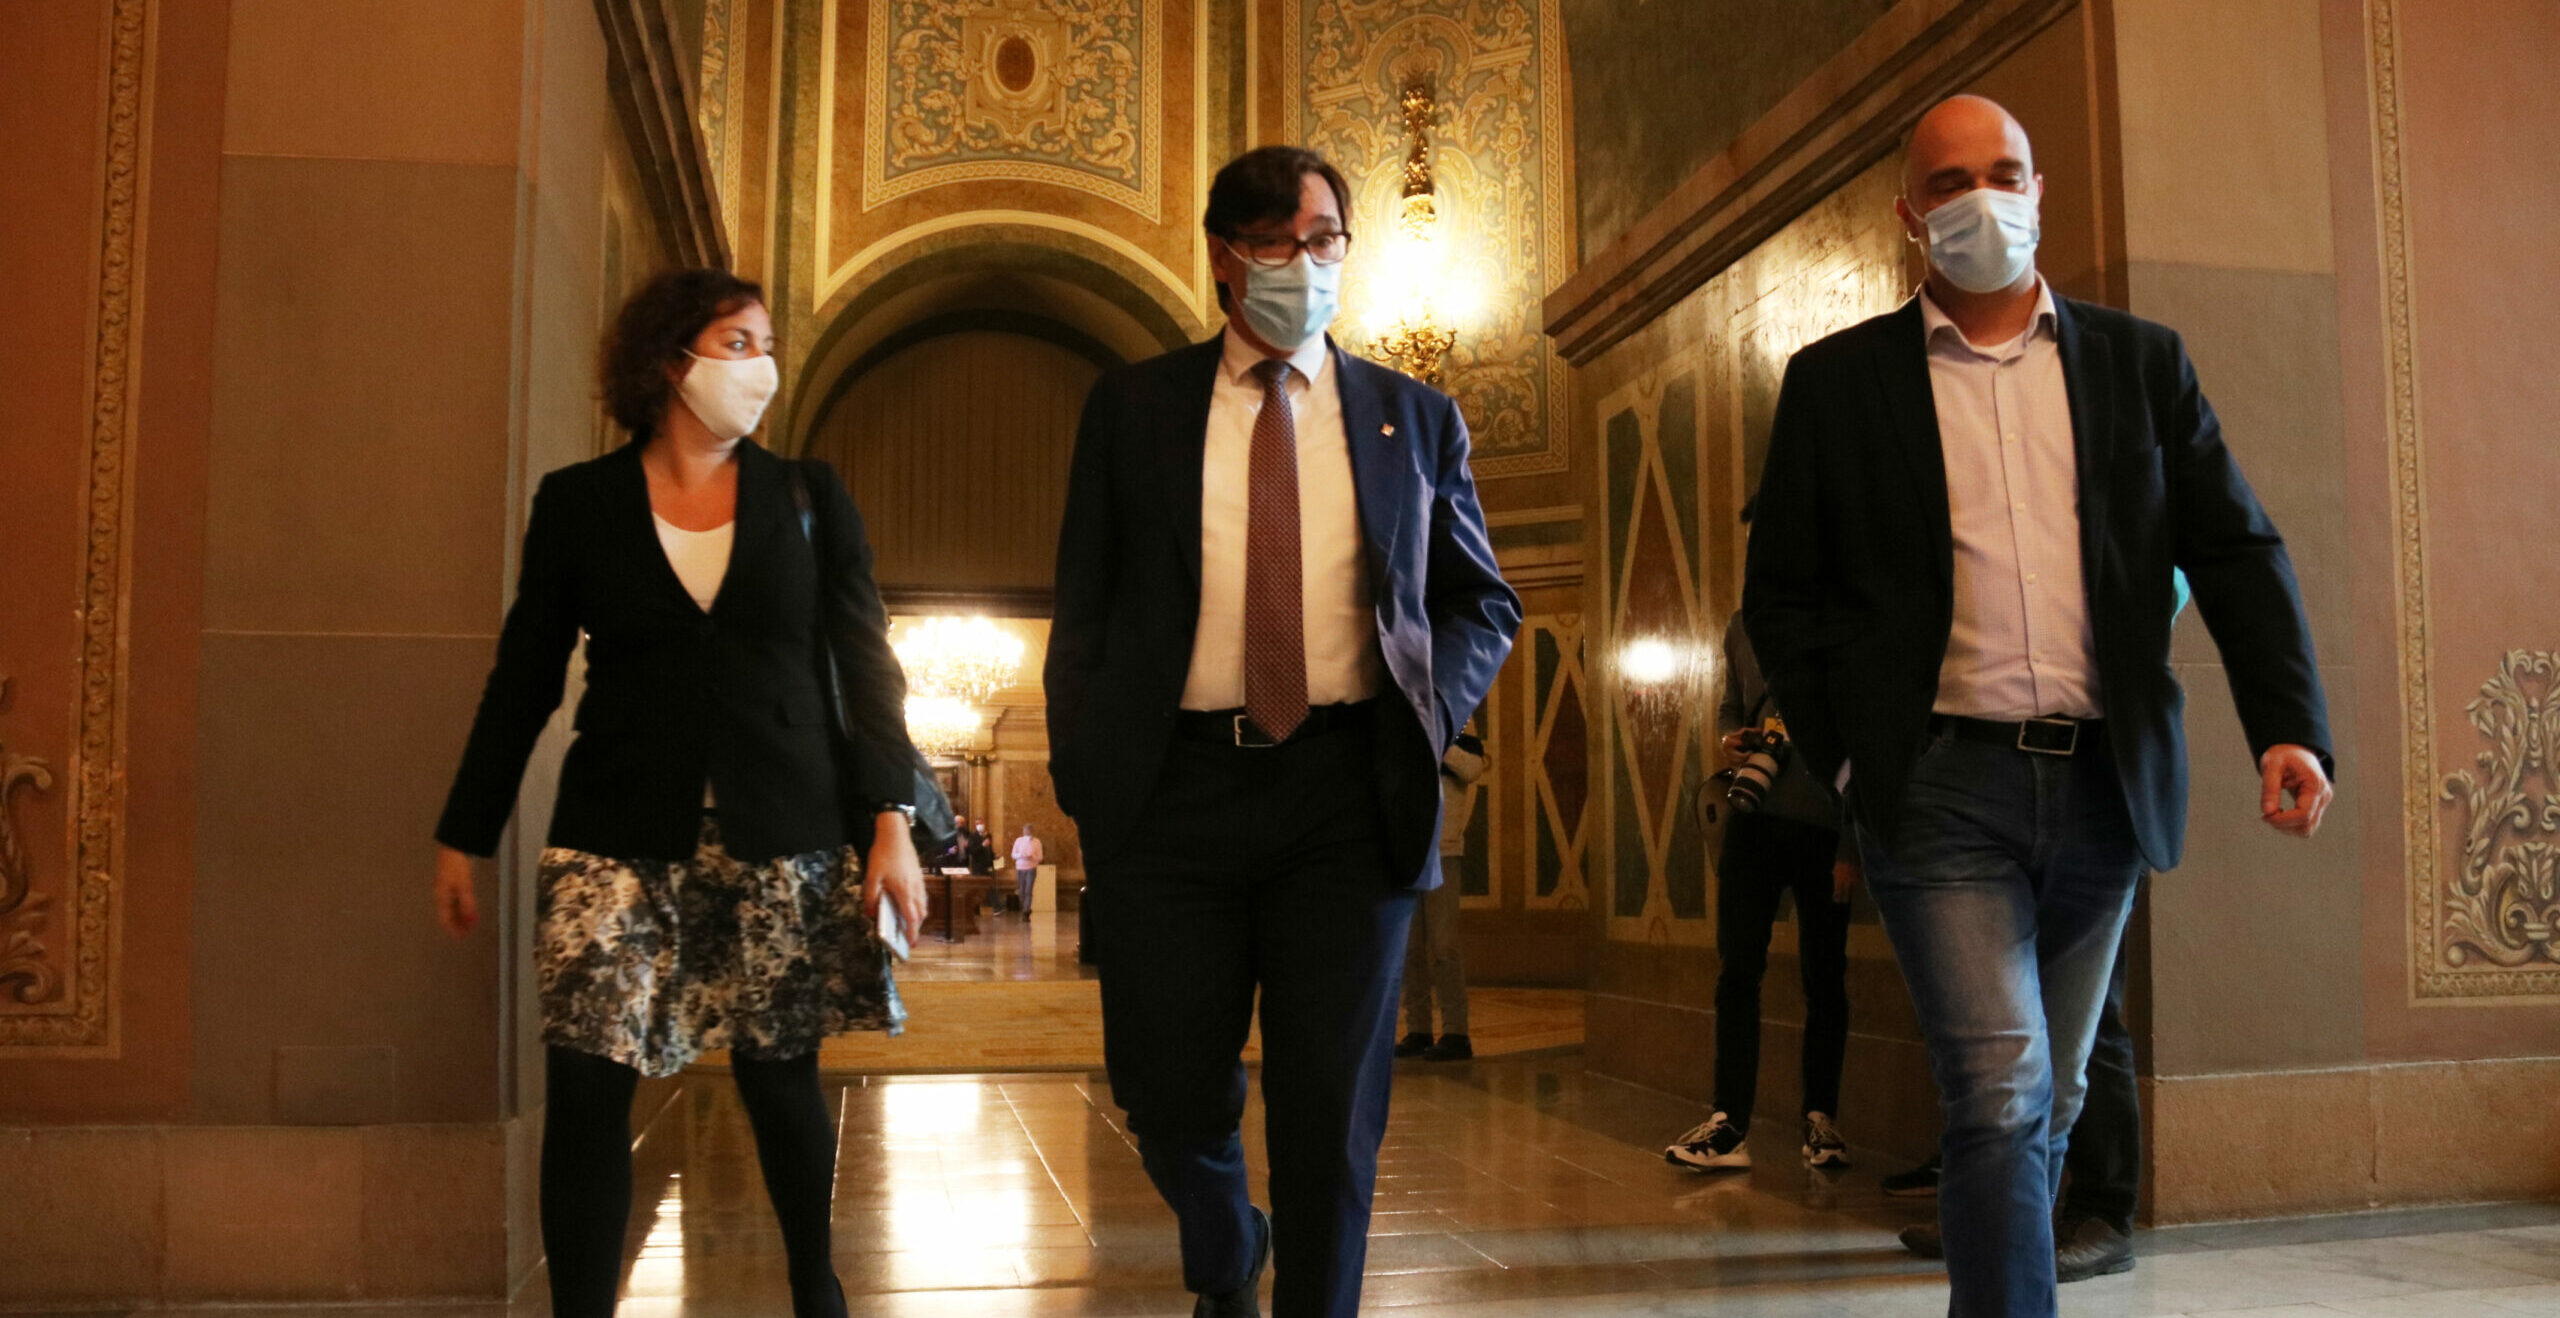 Alícia Romero, Salvador Illa i Raúl Moreno (PSC), als passadissos del Parlament | ACN